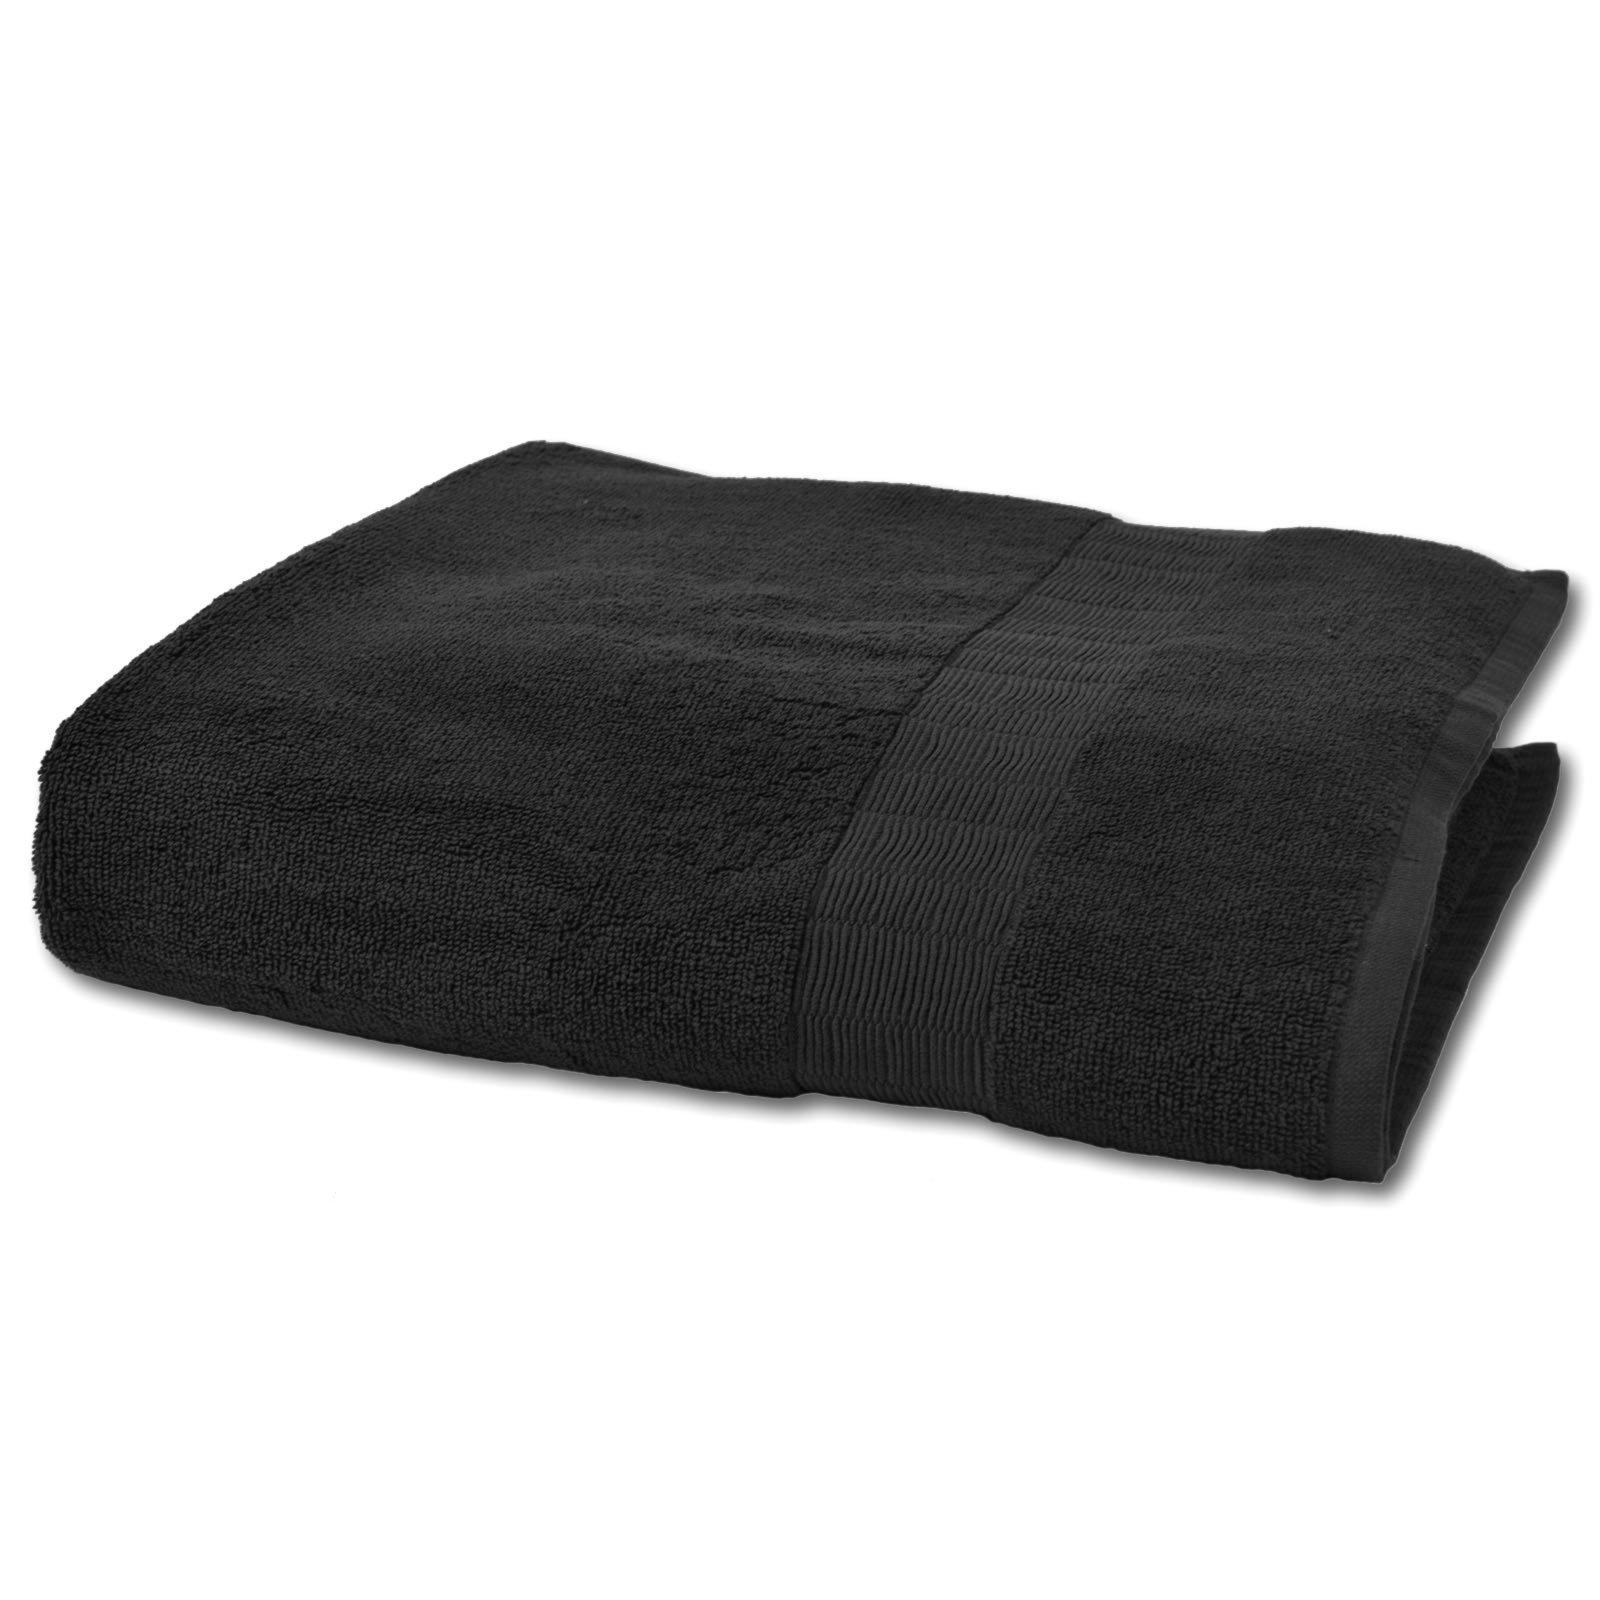 Duschtuch caesar schwarz baumwolle 70x140 cm for Bad deko schwarz